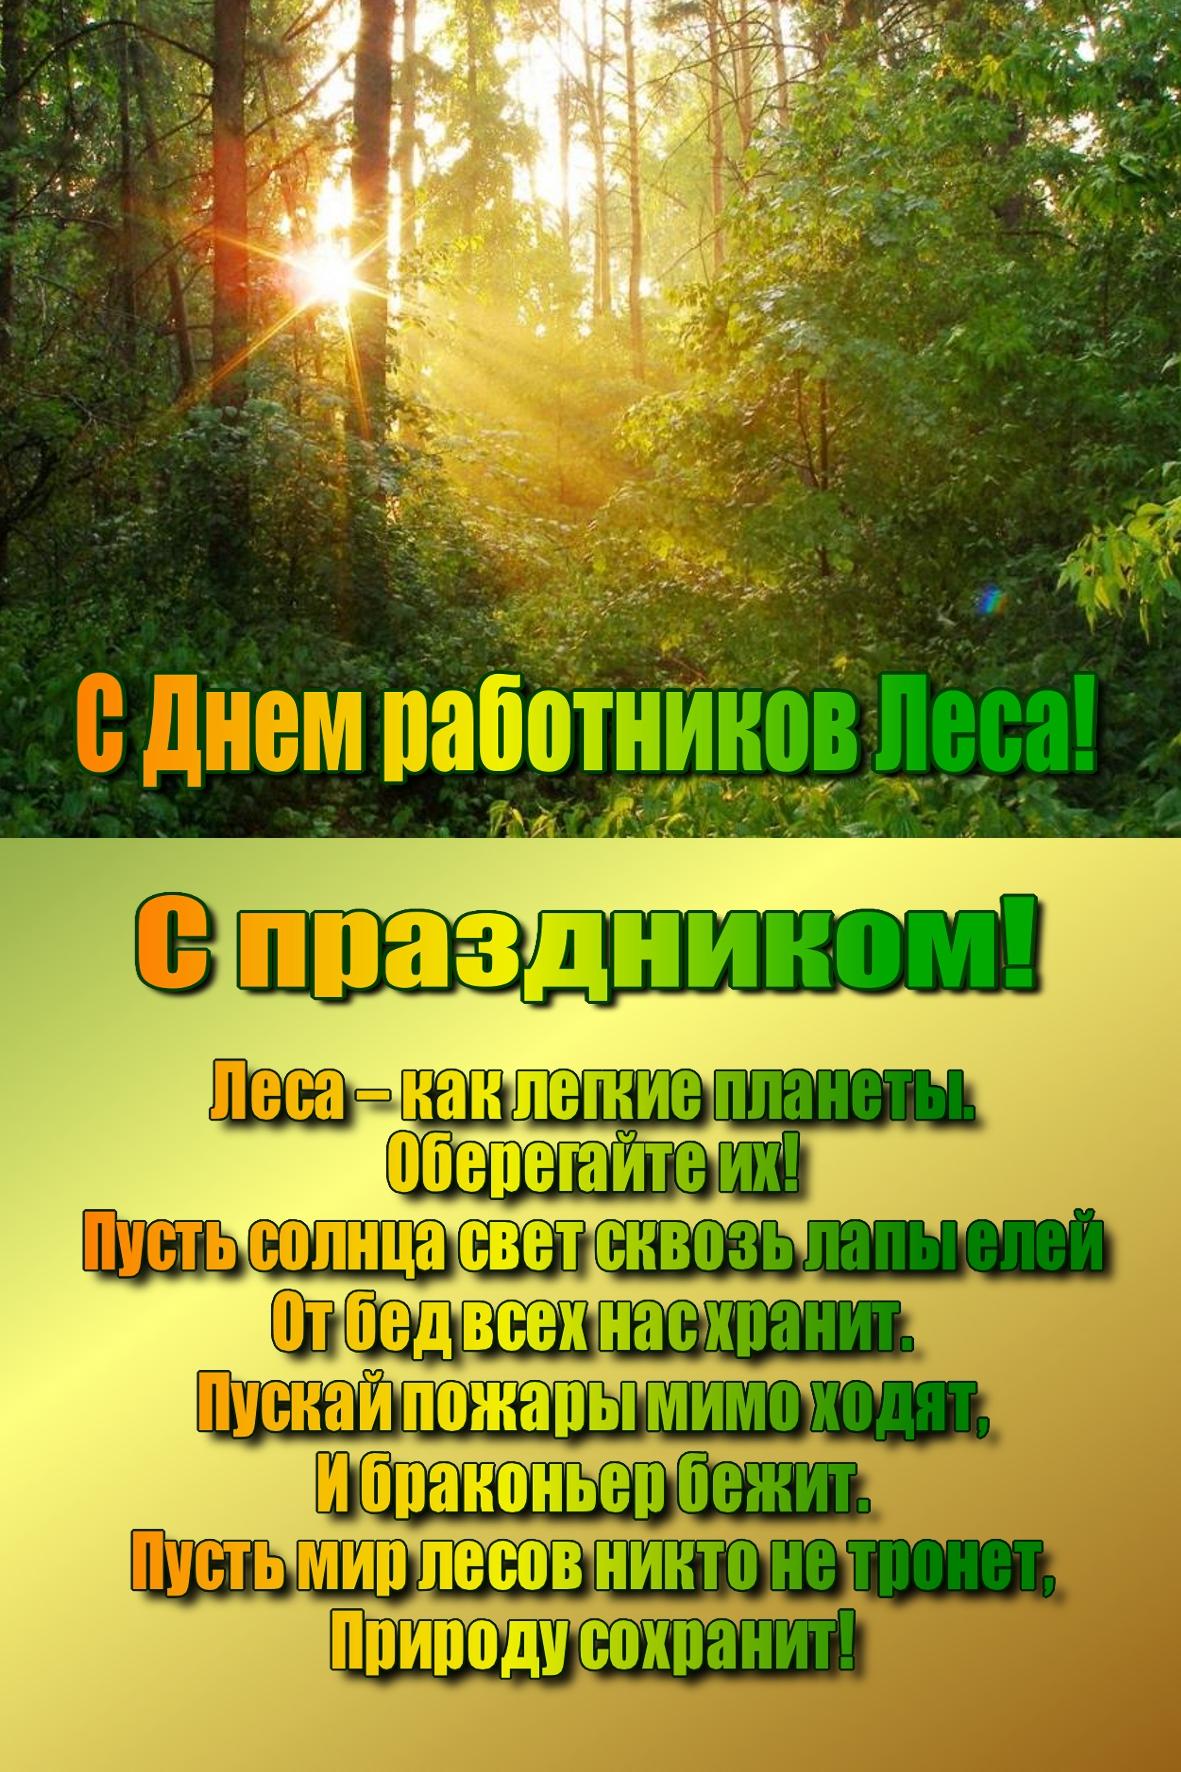 поздравление руководителя с днем работников леса можете позвонить